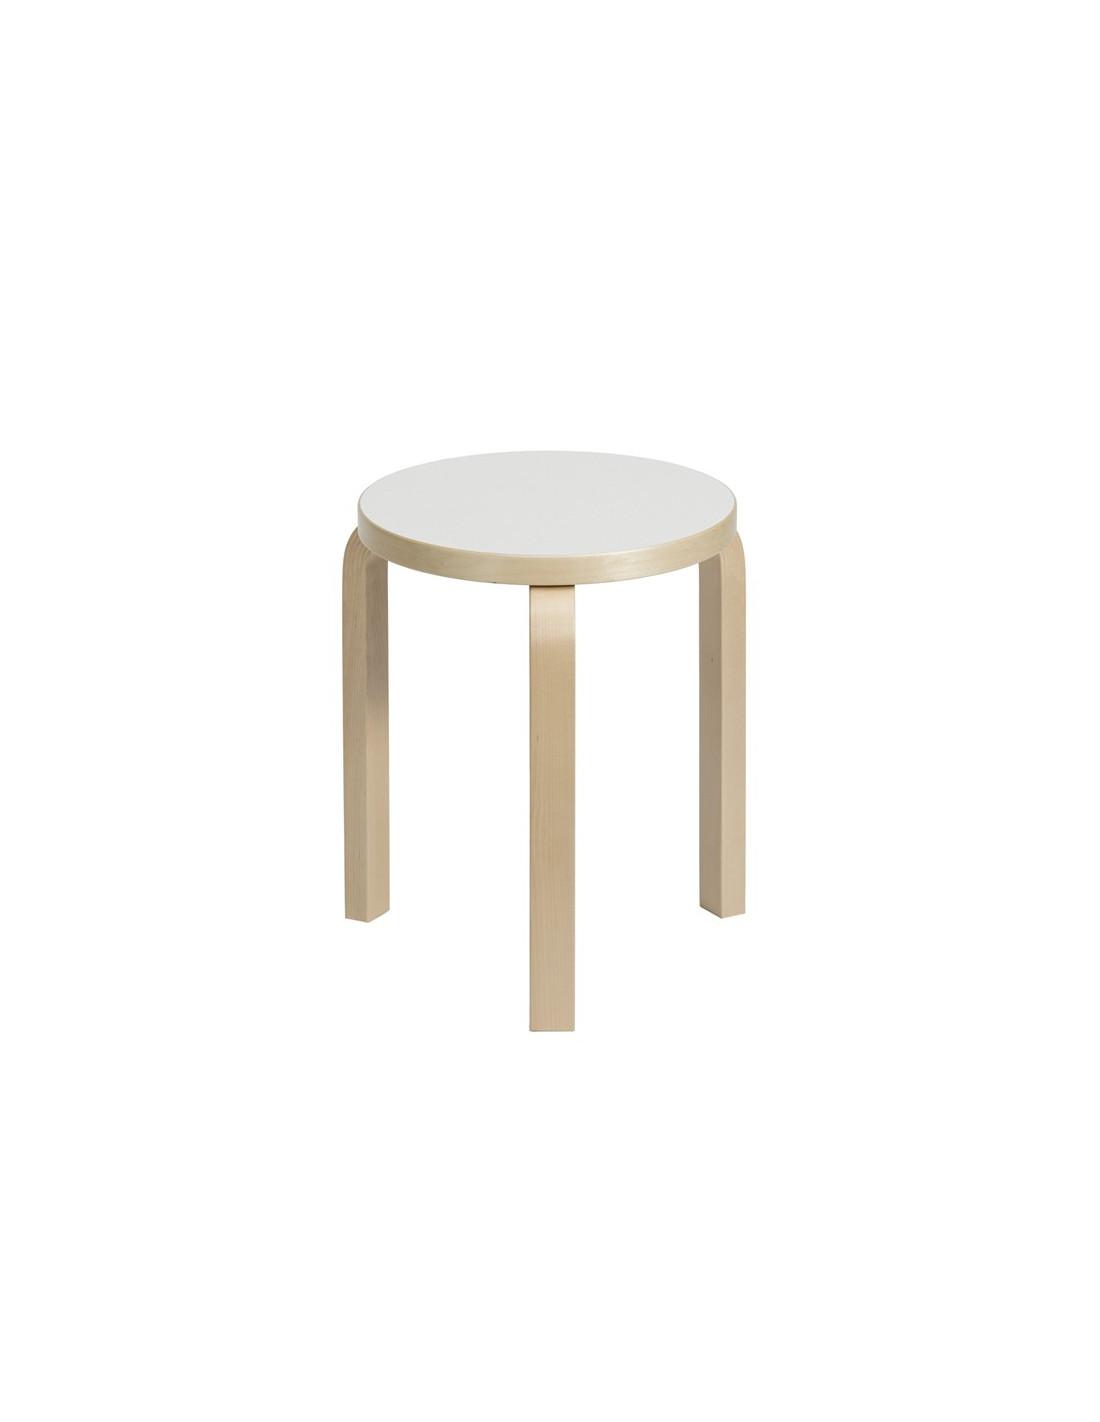 Tabouret 60 Design Alvar Aalto Pour Artek La Boutique Danoise